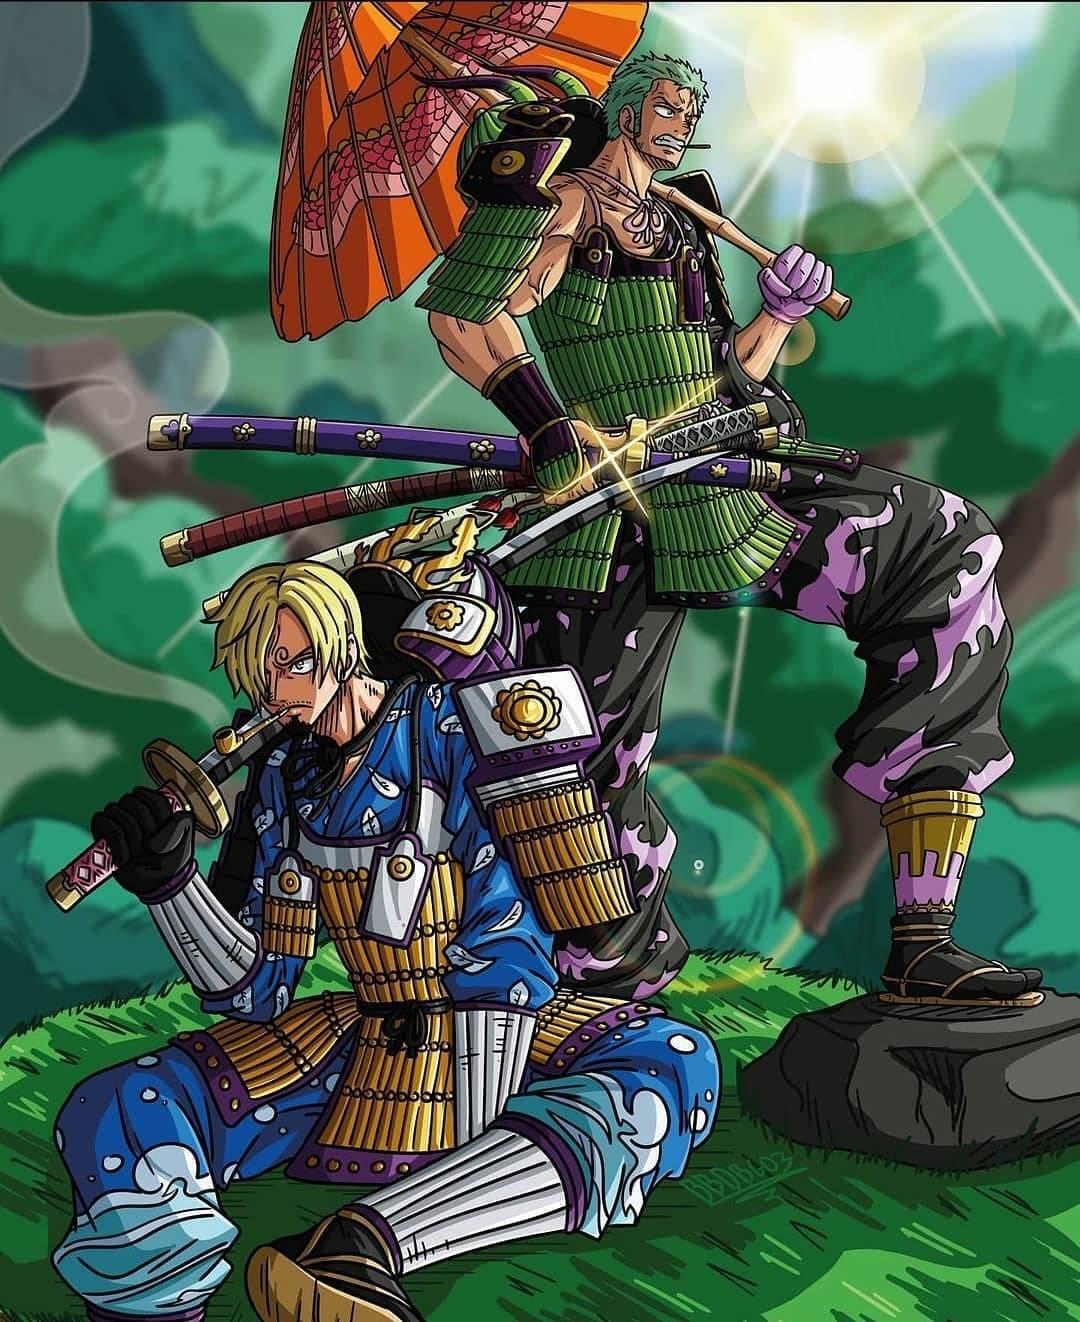 Download Wallpaper Wallpaper Anime HD Terbaru